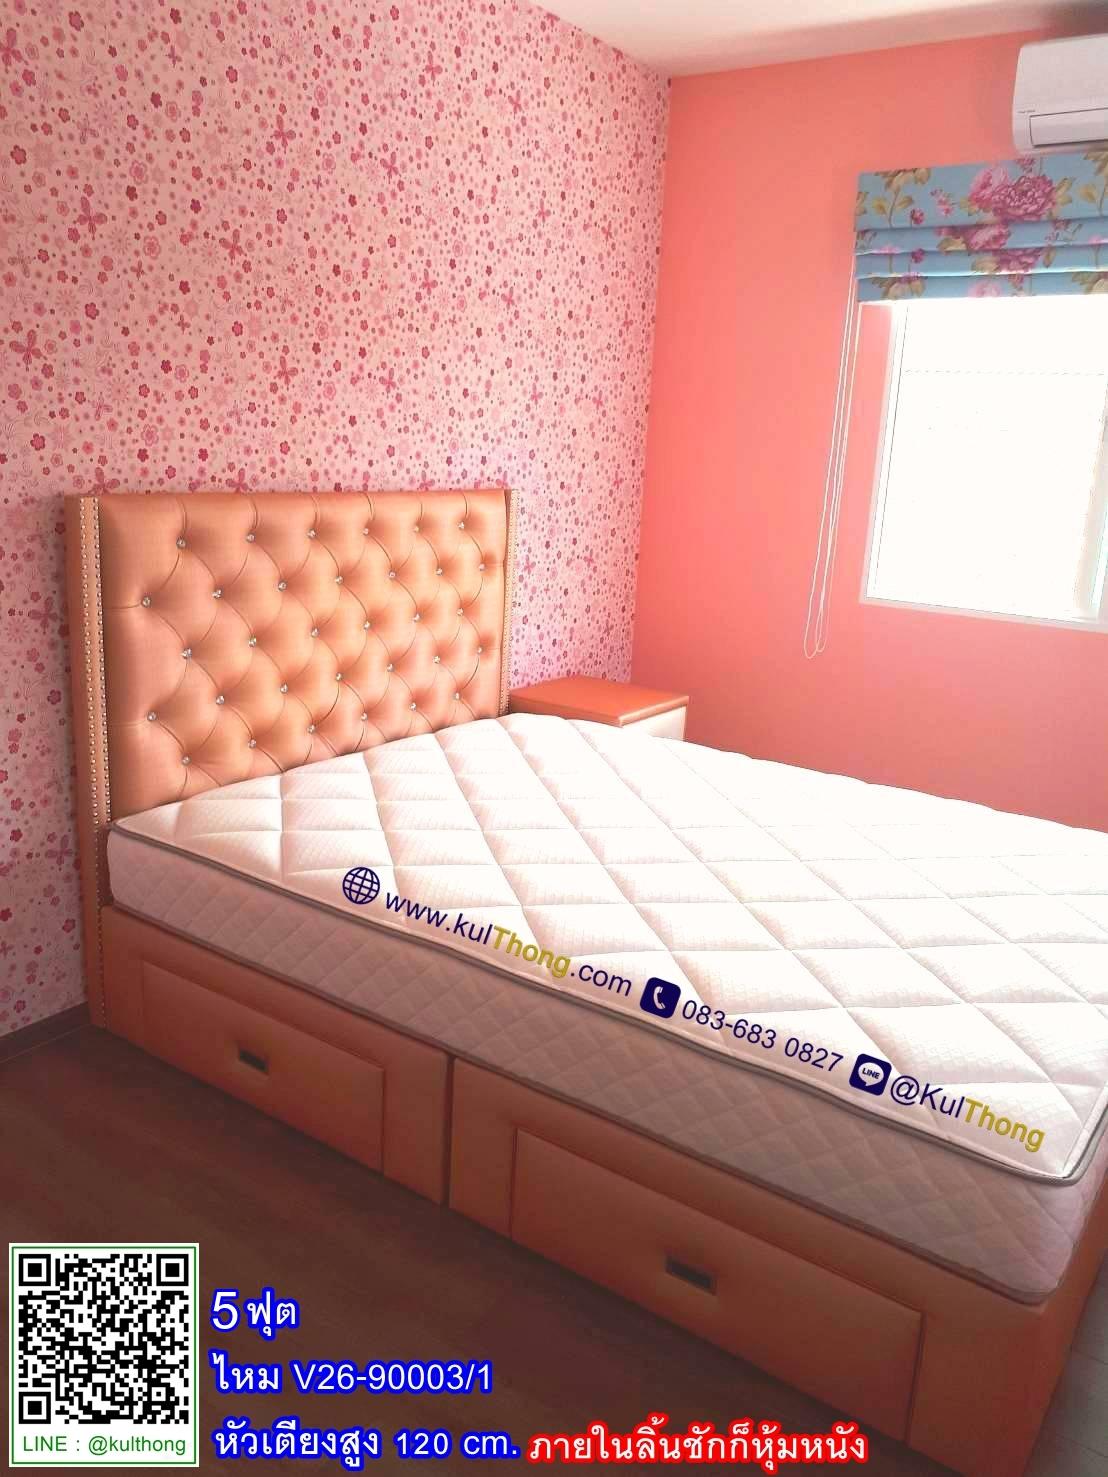 เตียงสีชมพู เตียงหุ้มหนัง เตียงดีไซน์